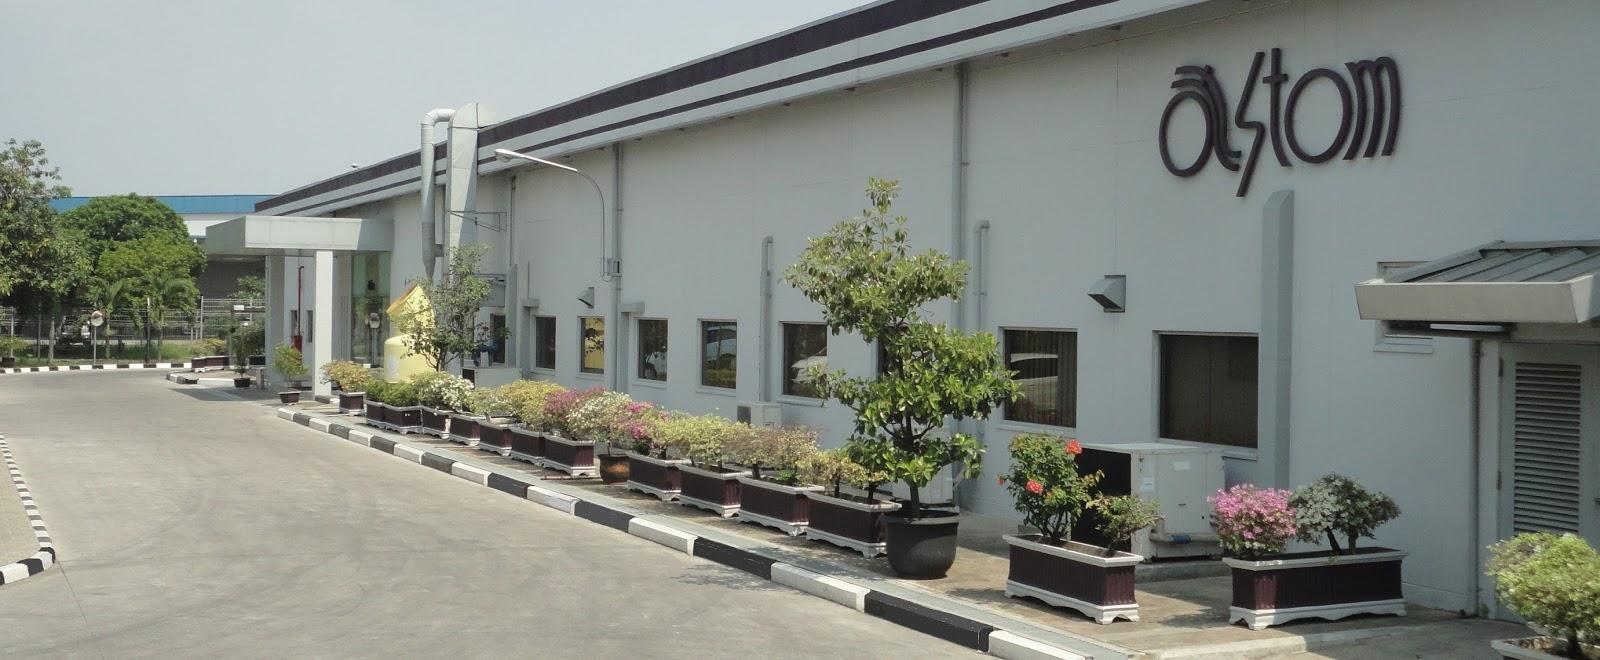 Lowongan Kerja PT Astom Indonesia Kawasan EJIP Terbaru